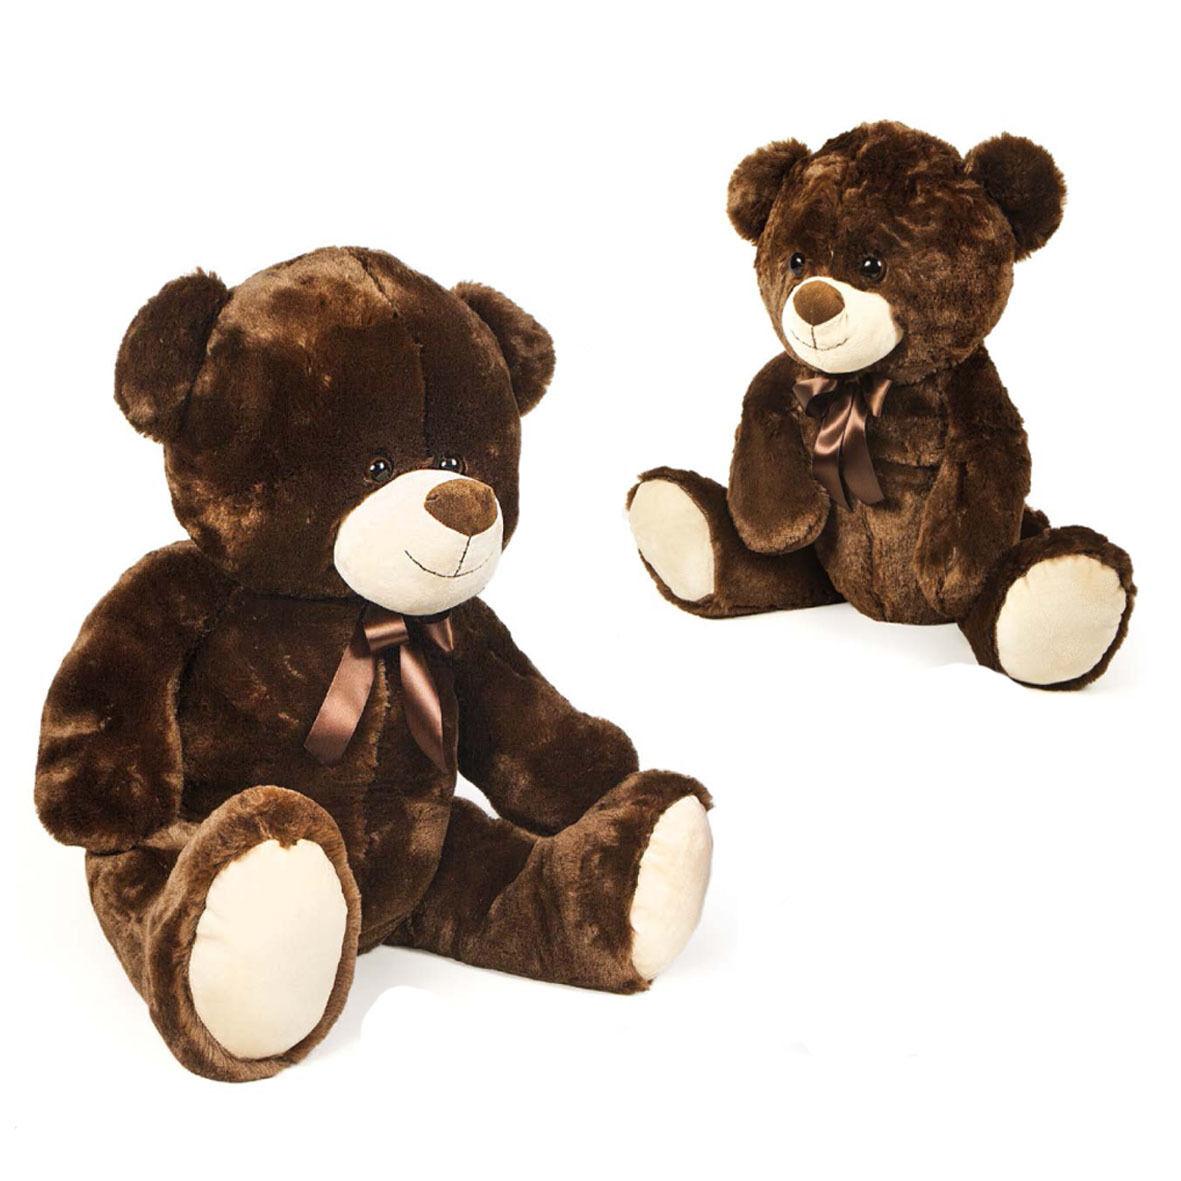 Orso orsacchiotto peluches gigante morbidissimo marrone con fiocco circa 70 cm